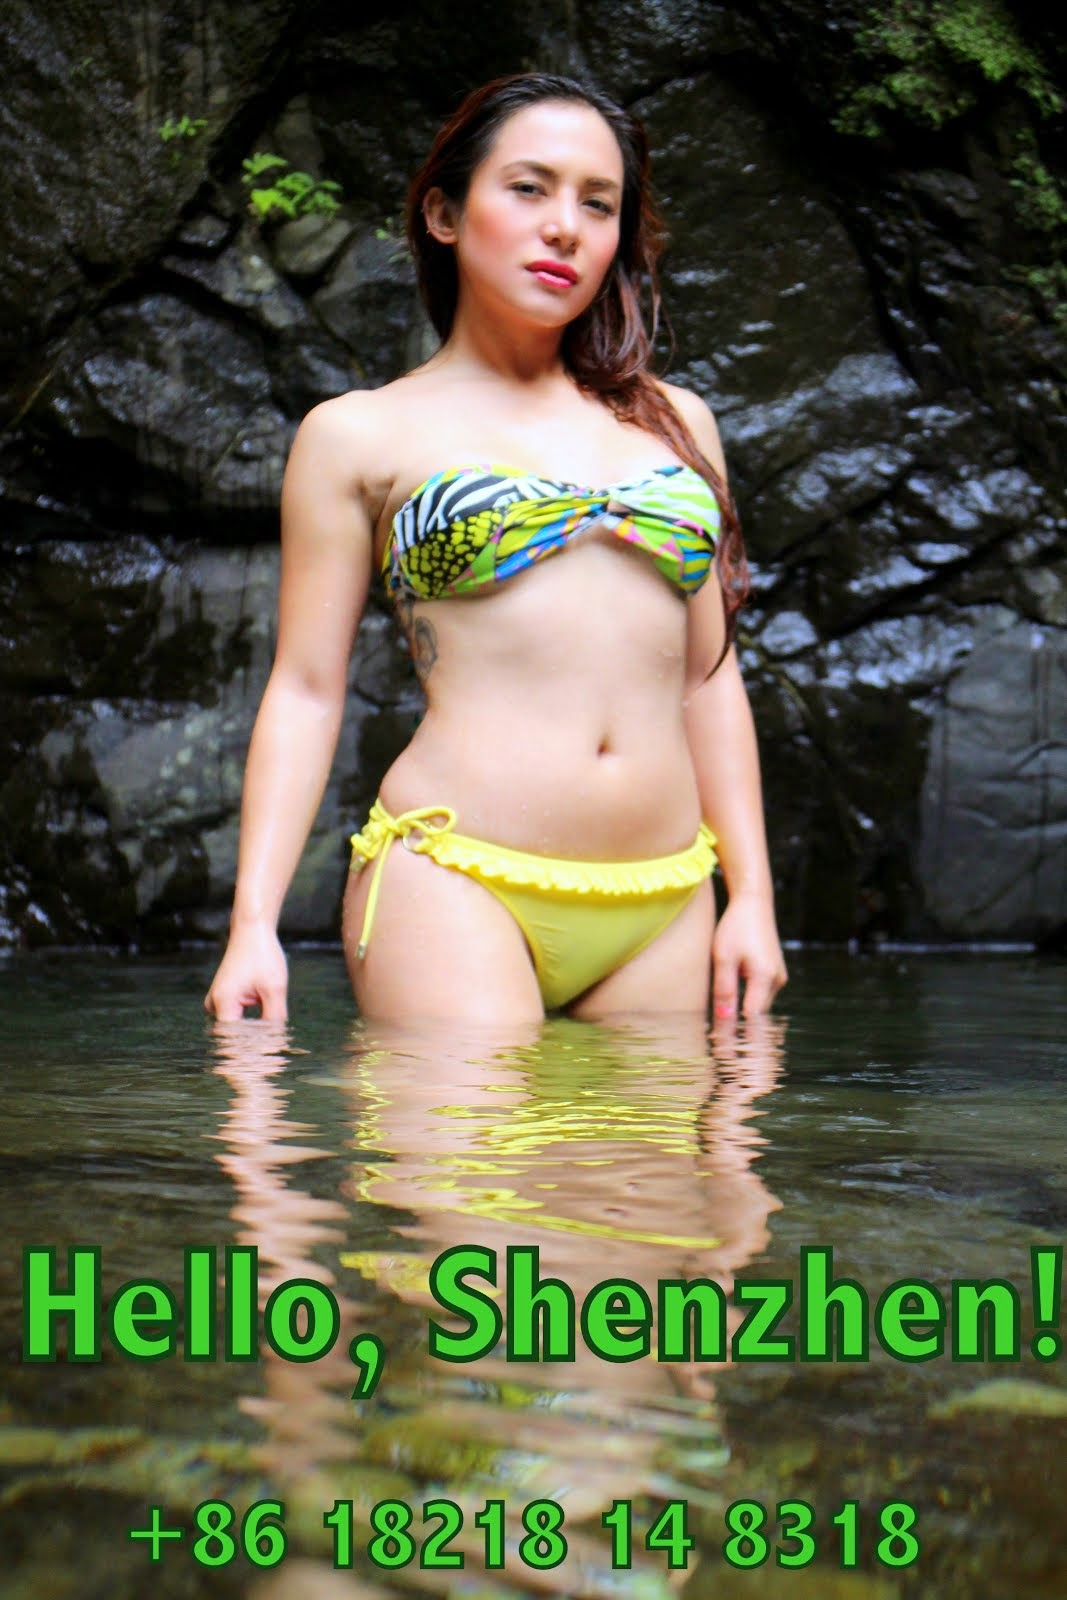 Shenzhen!